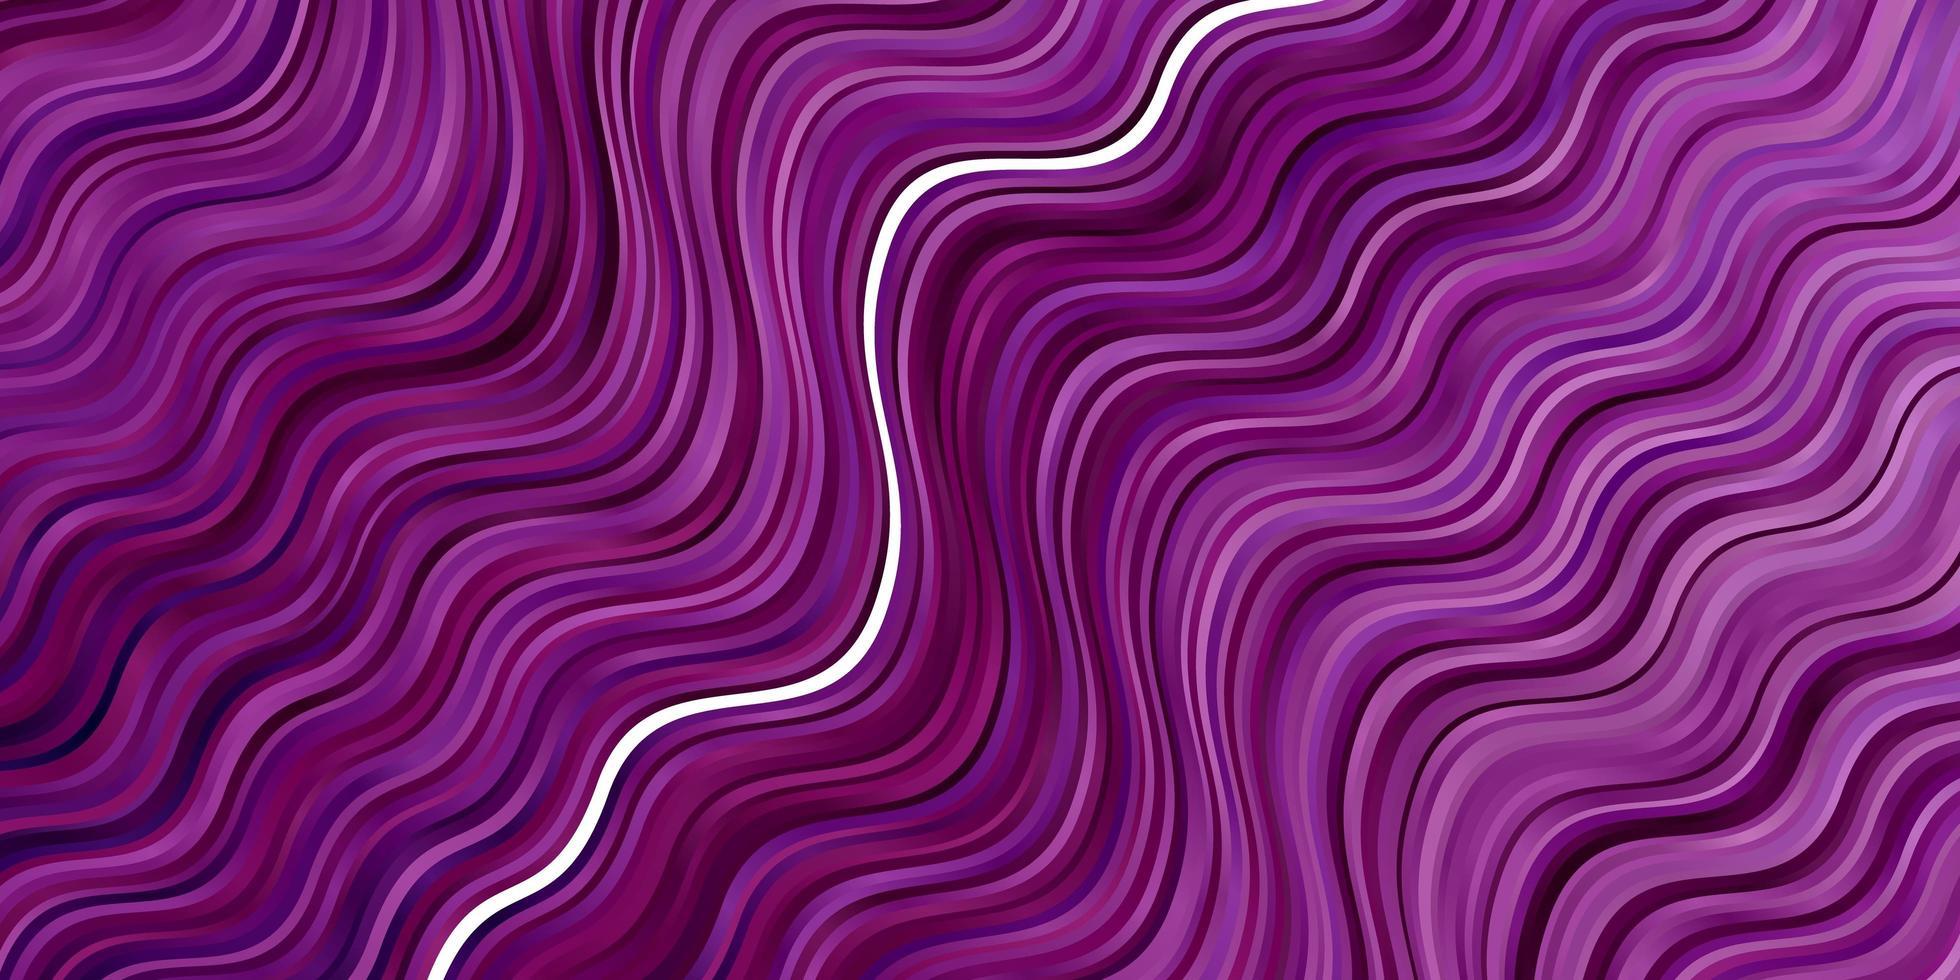 lichtpaarse, roze vectorachtergrond met gebogen lijnen. vector